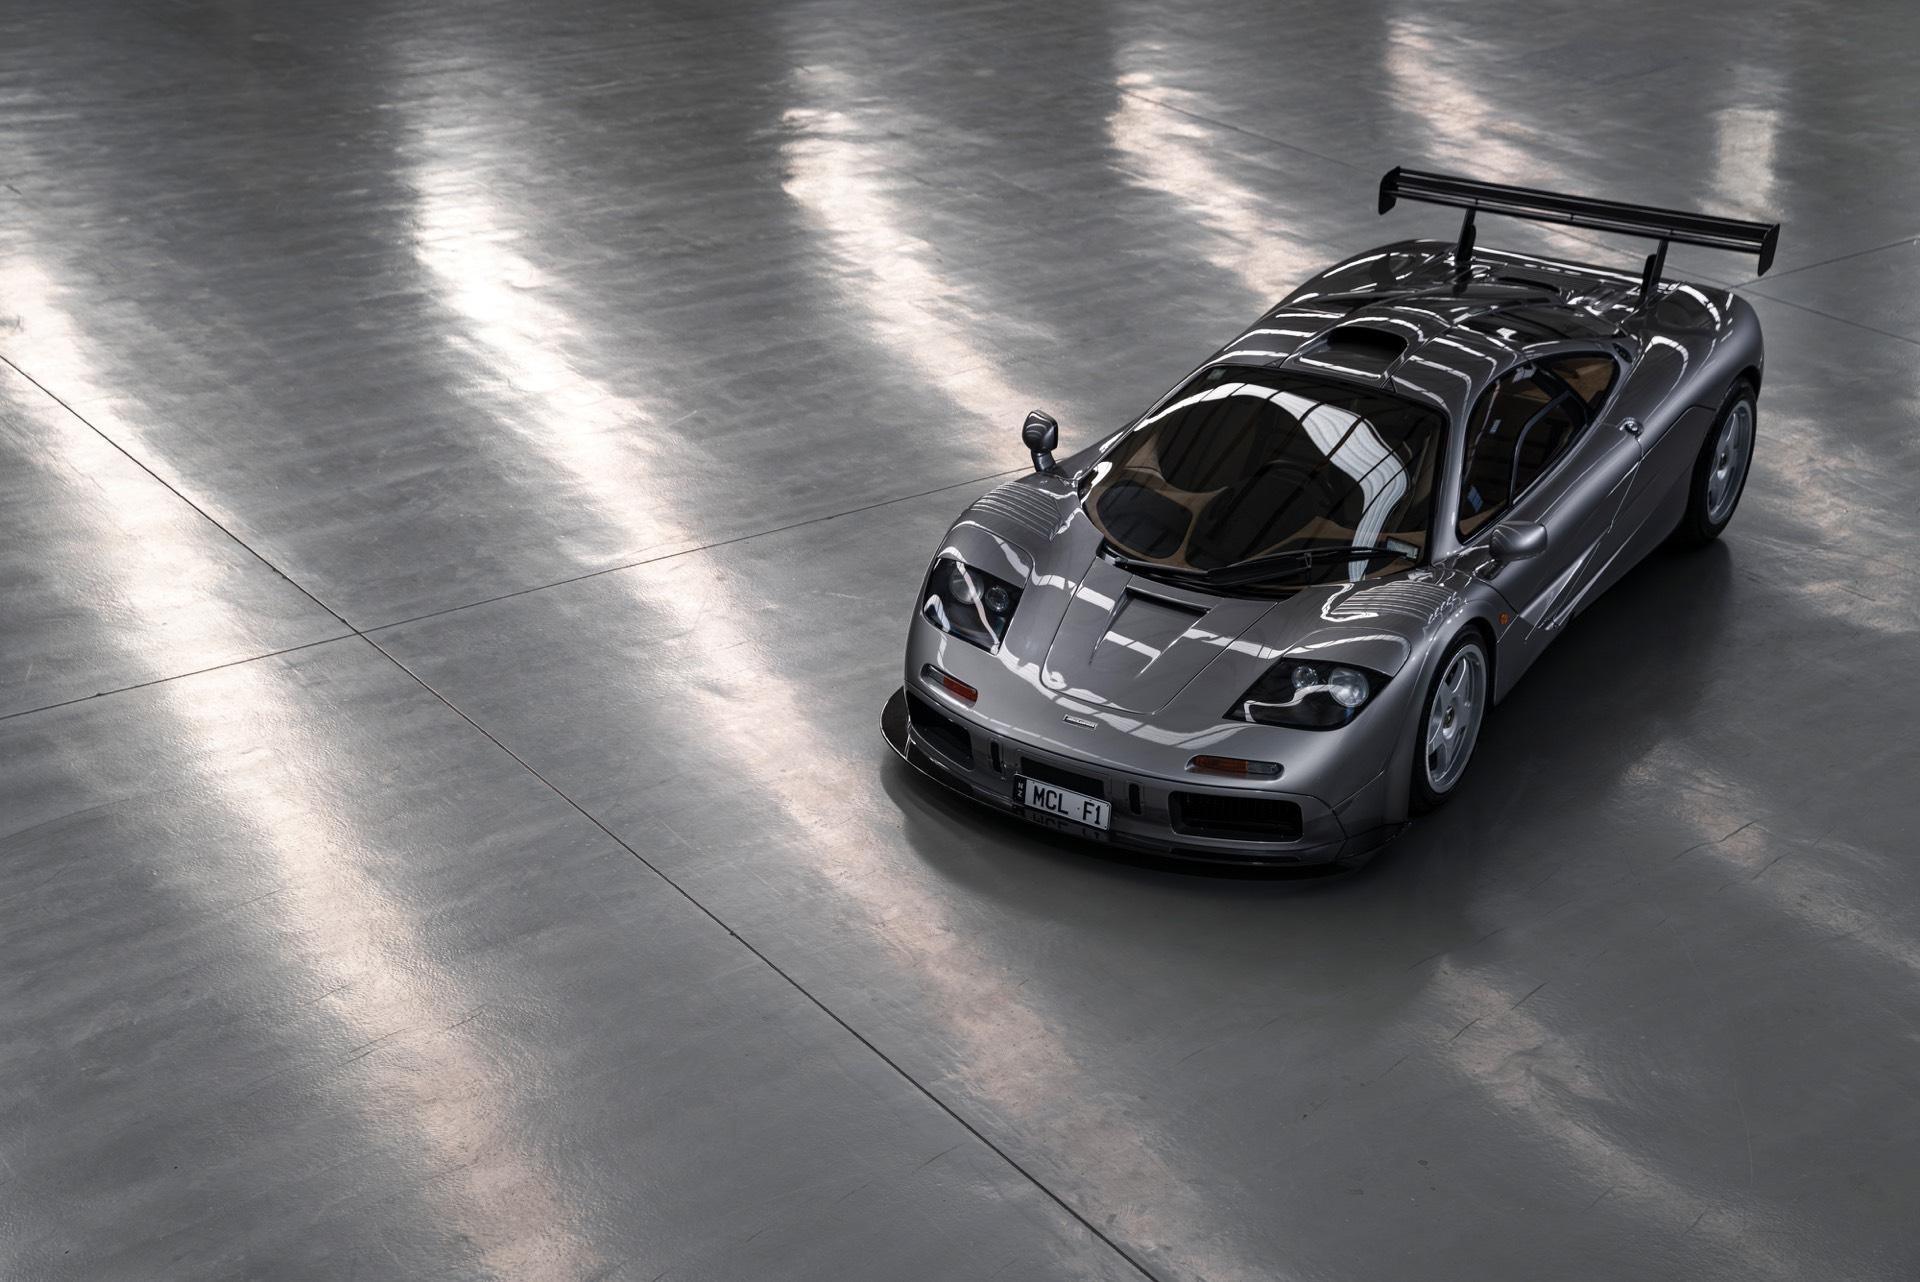 Второй автомобиль со спецификацией LM был продан несколько лет назад по выгодной цене в 13 750 000 долларов. Эти автомобили имеют большое заднее крыло, увеличенный передний сплиттер и жалюзи на передней панели, а также двигатель, перенастроенный в со